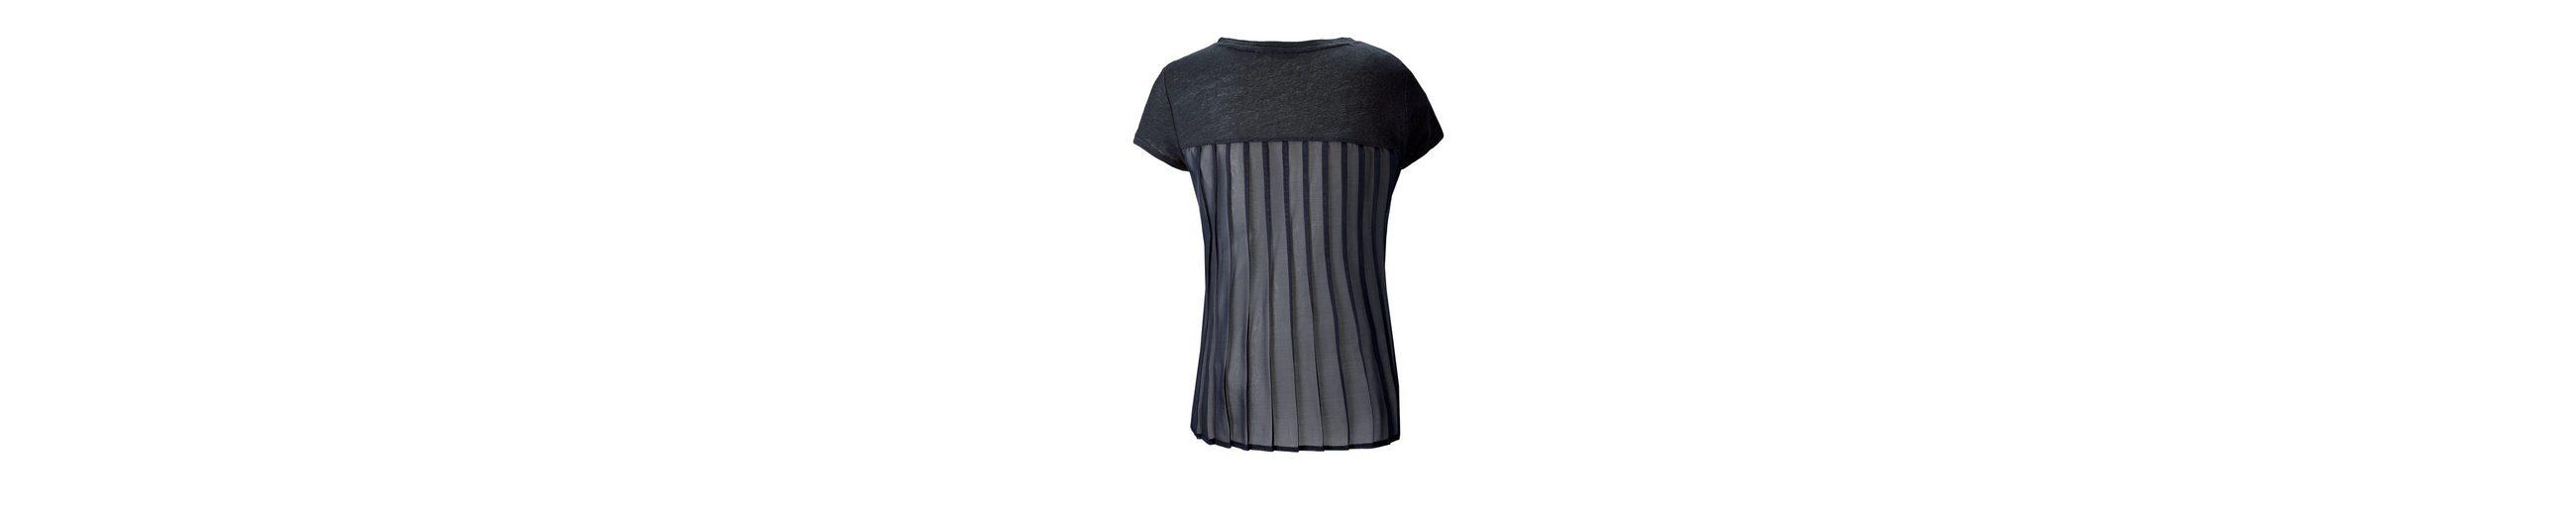 MUSTANG T-Shirts (mit Arm) Amazon Günstiger Preis Rabatt Professionelle gUz5mCUdaa